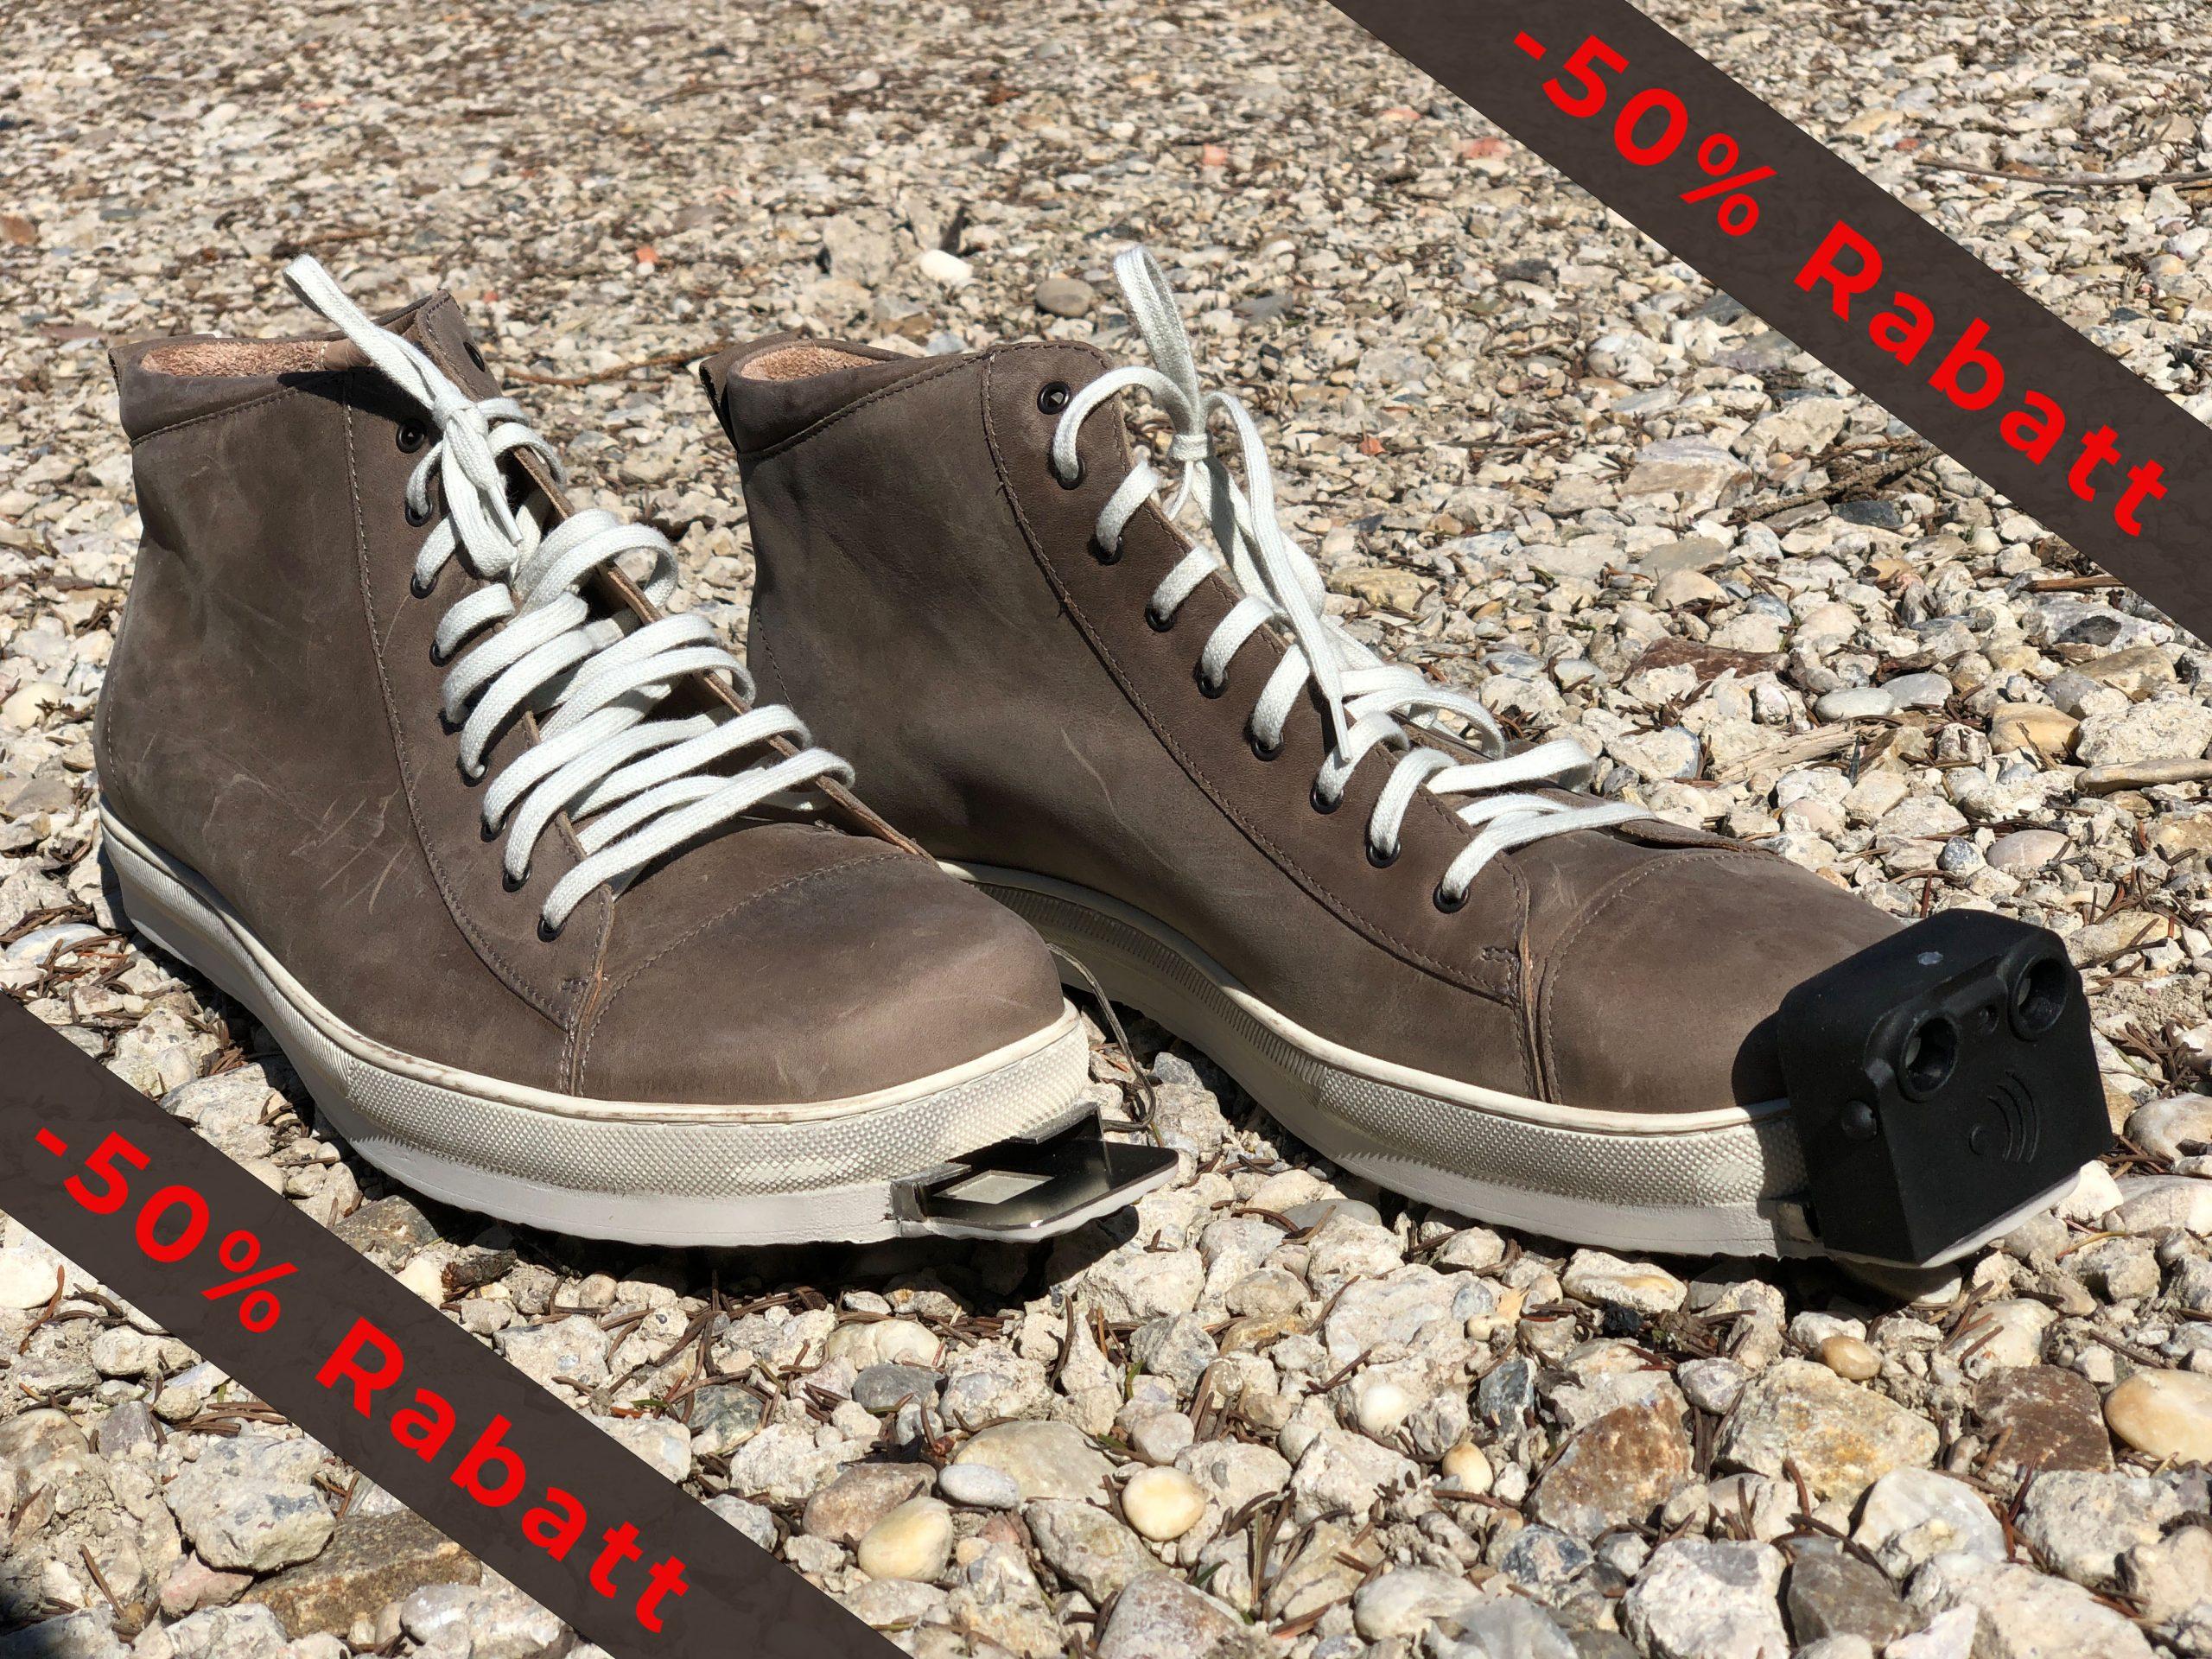 AKTION -50% Rabatt, im Bild Waldviertler Schuhe Wing, Farbe Flachs